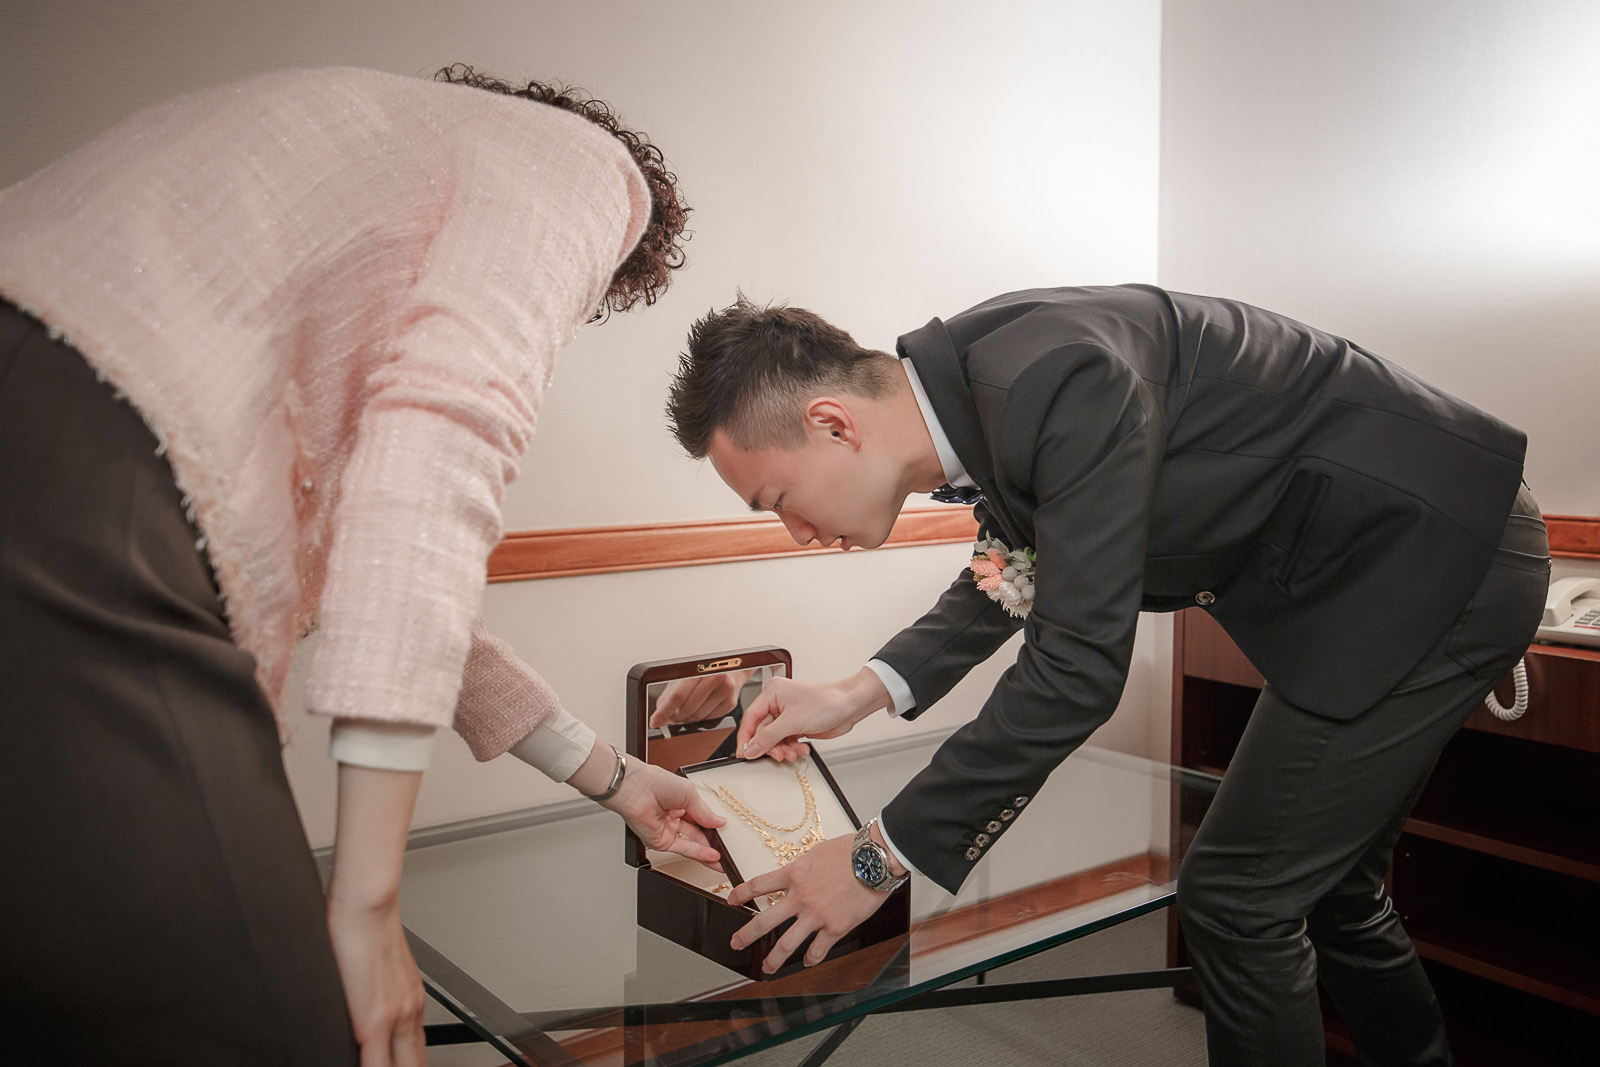 高雄圓山飯店,婚禮攝影,婚攝,高雄婚攝,優質婚攝推薦,Jen&Ethan-017